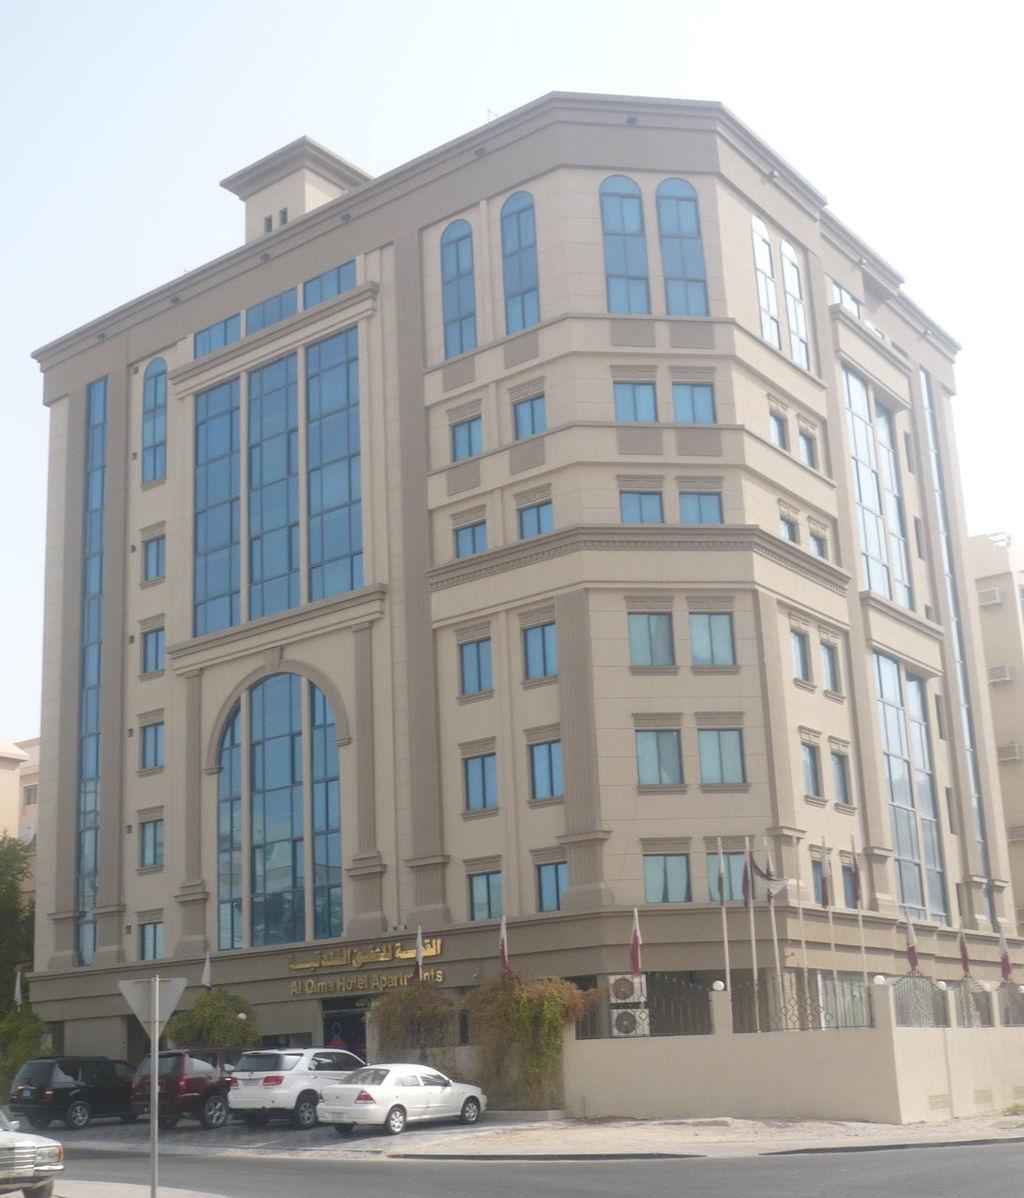 Al Qima Hotel Apartment